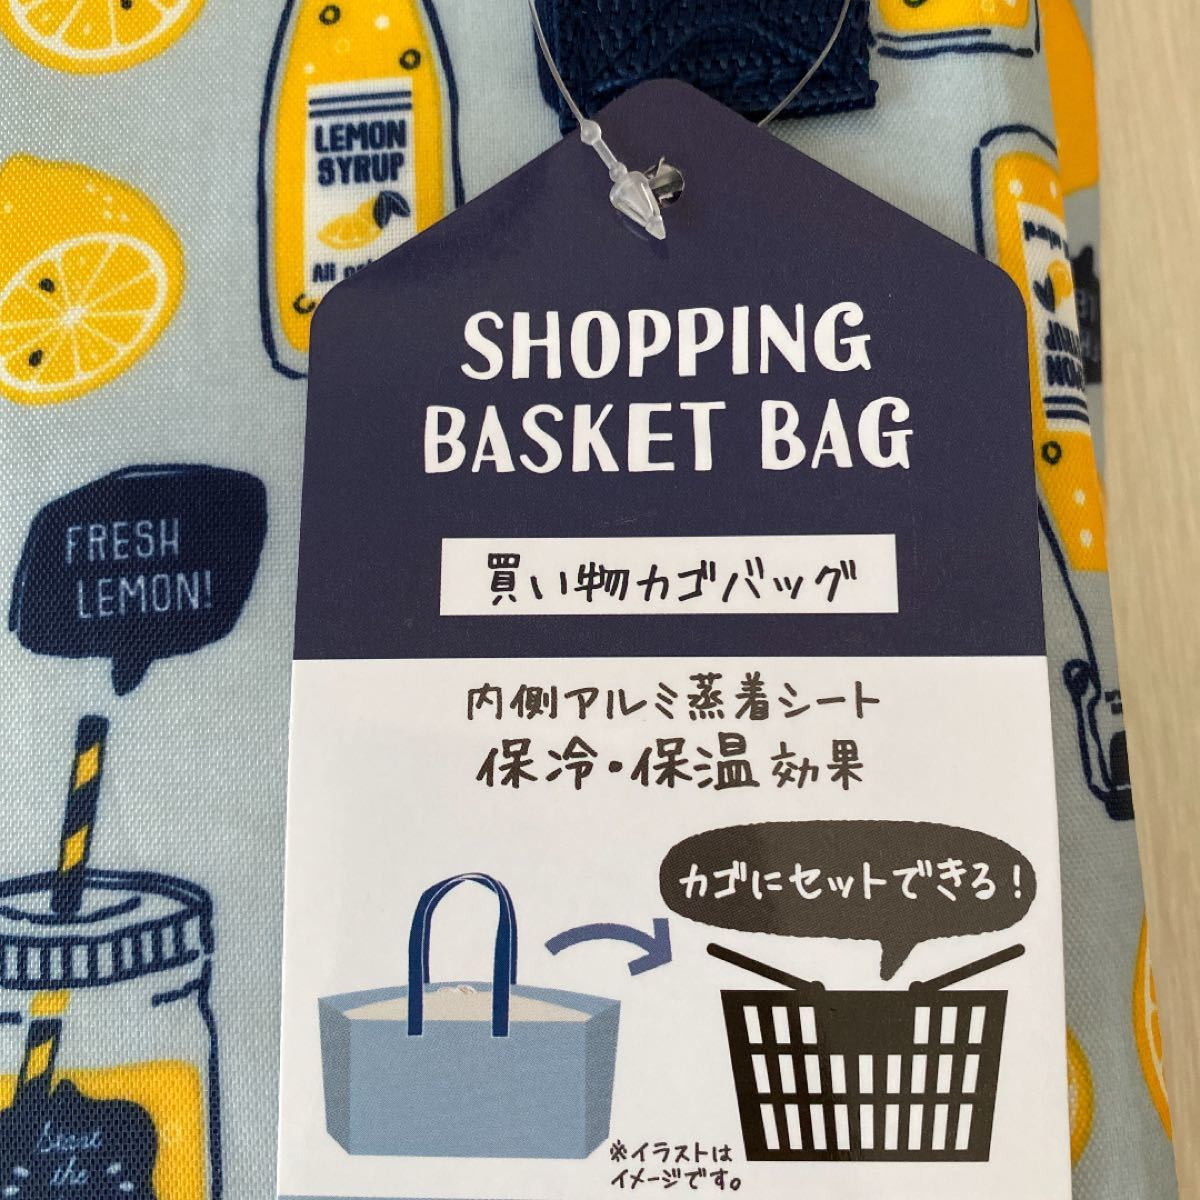 新品! 保冷・保温 レジカゴバッグ エコバッグ 折り畳みショッピング マイバッグ